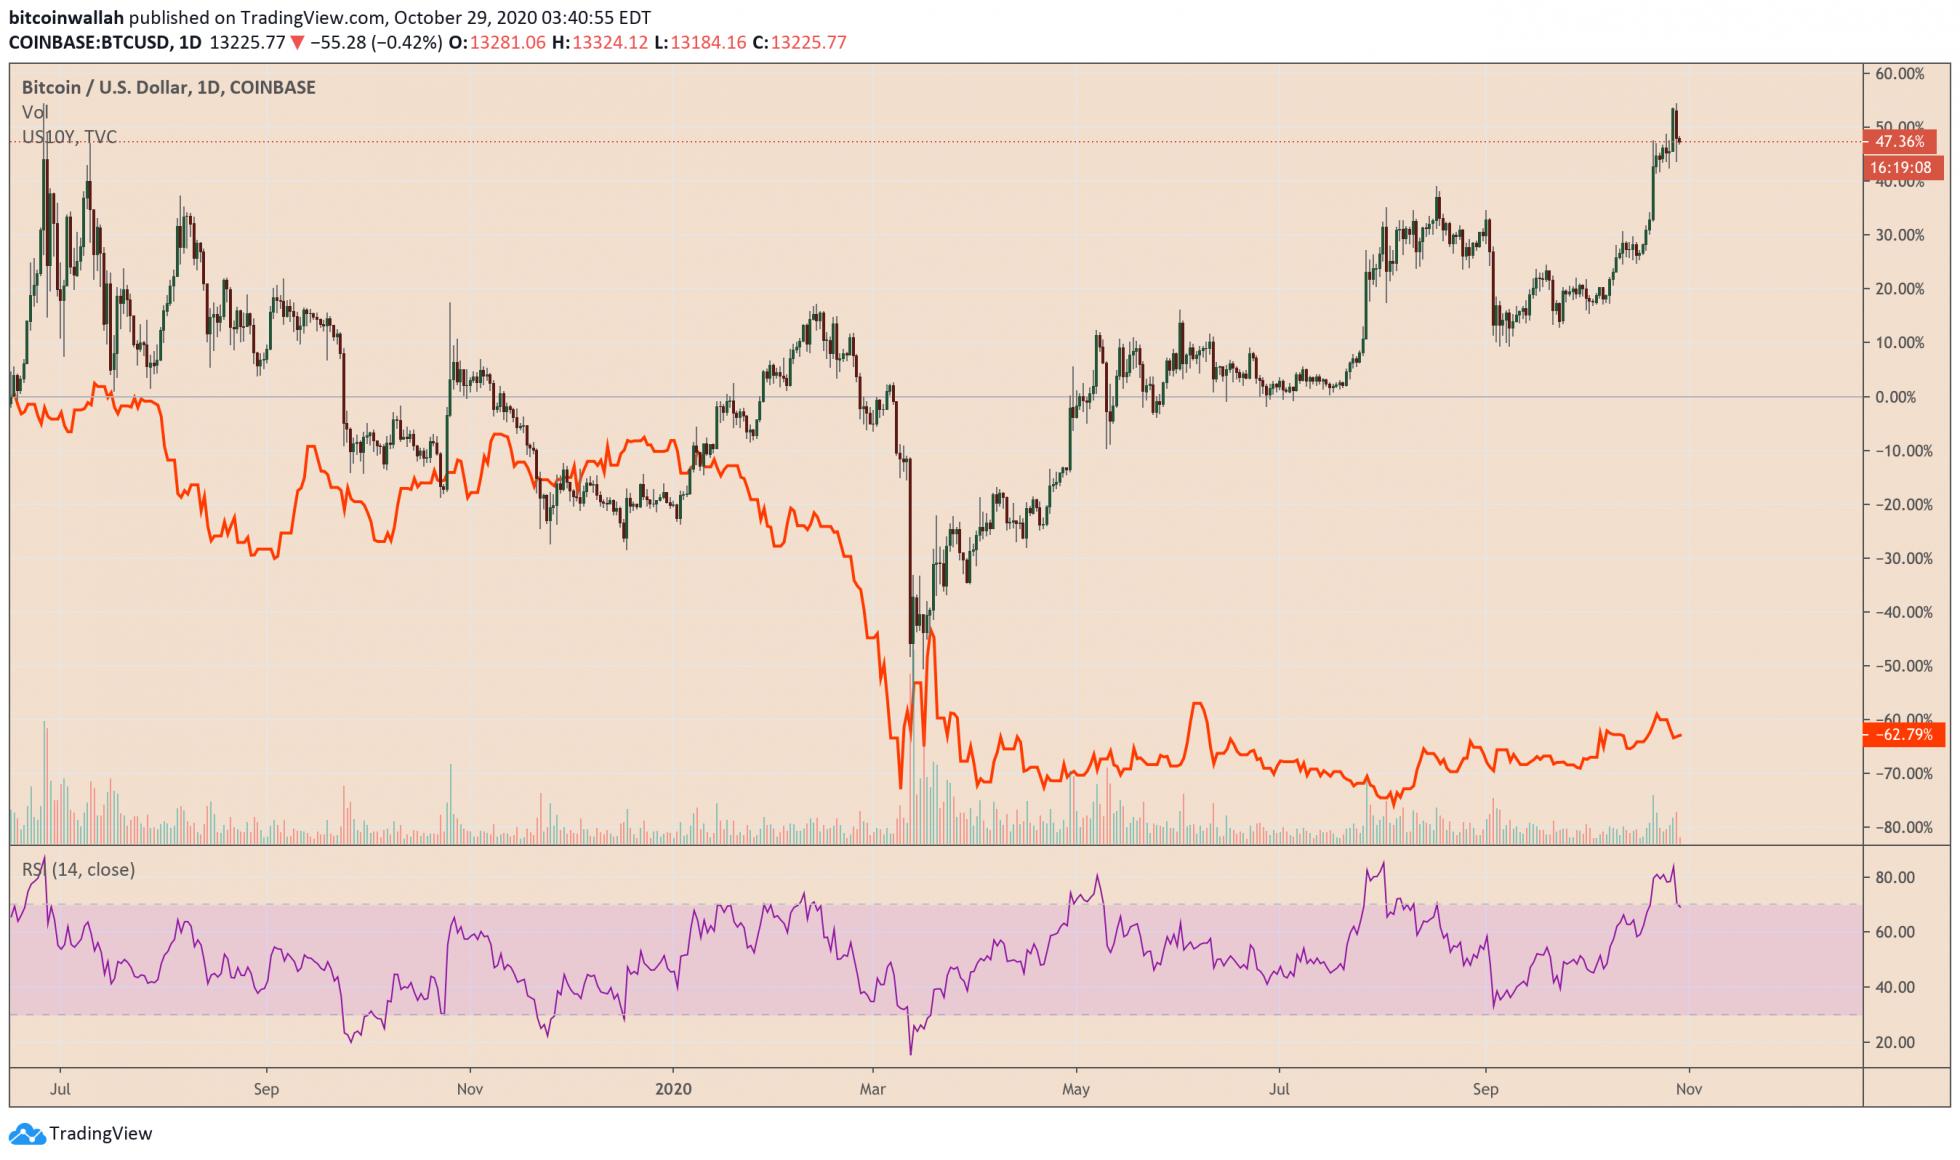 Обратная корреляция между биткоинами и US 10Y Treasury с мартовской распродажи